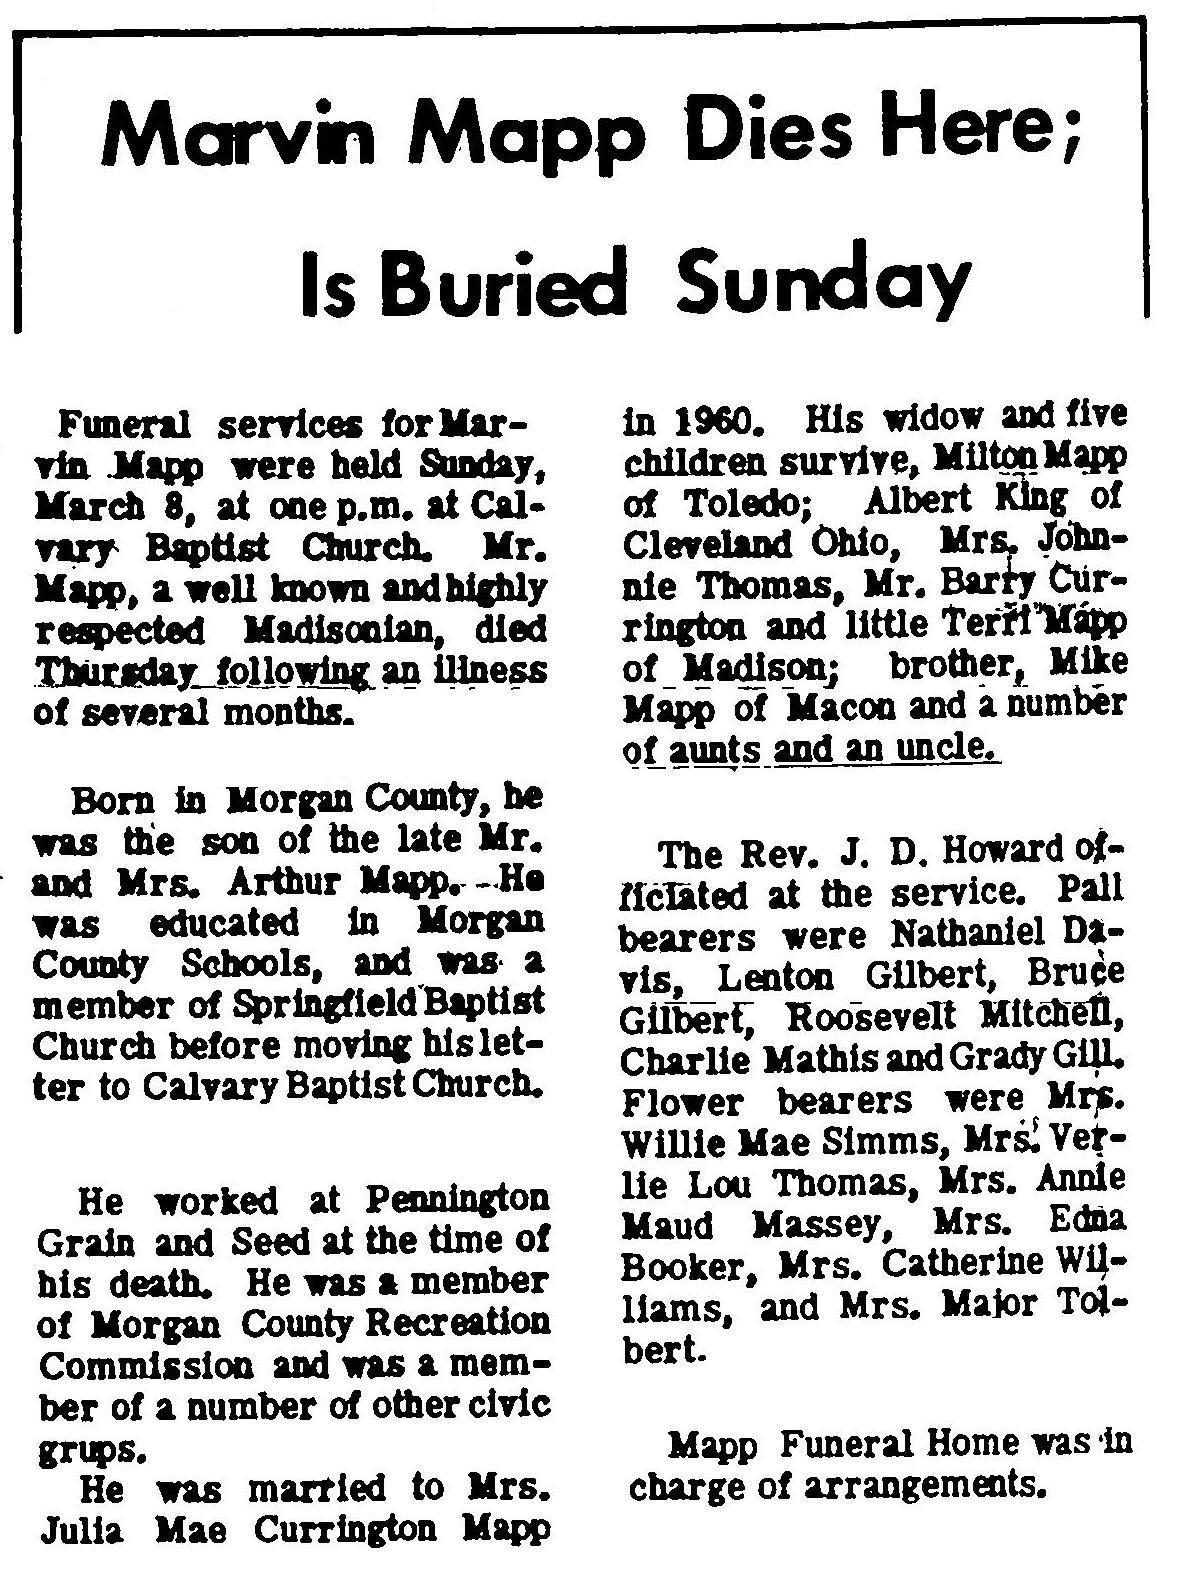 mapp_marvin-1970-obituary.jpeg